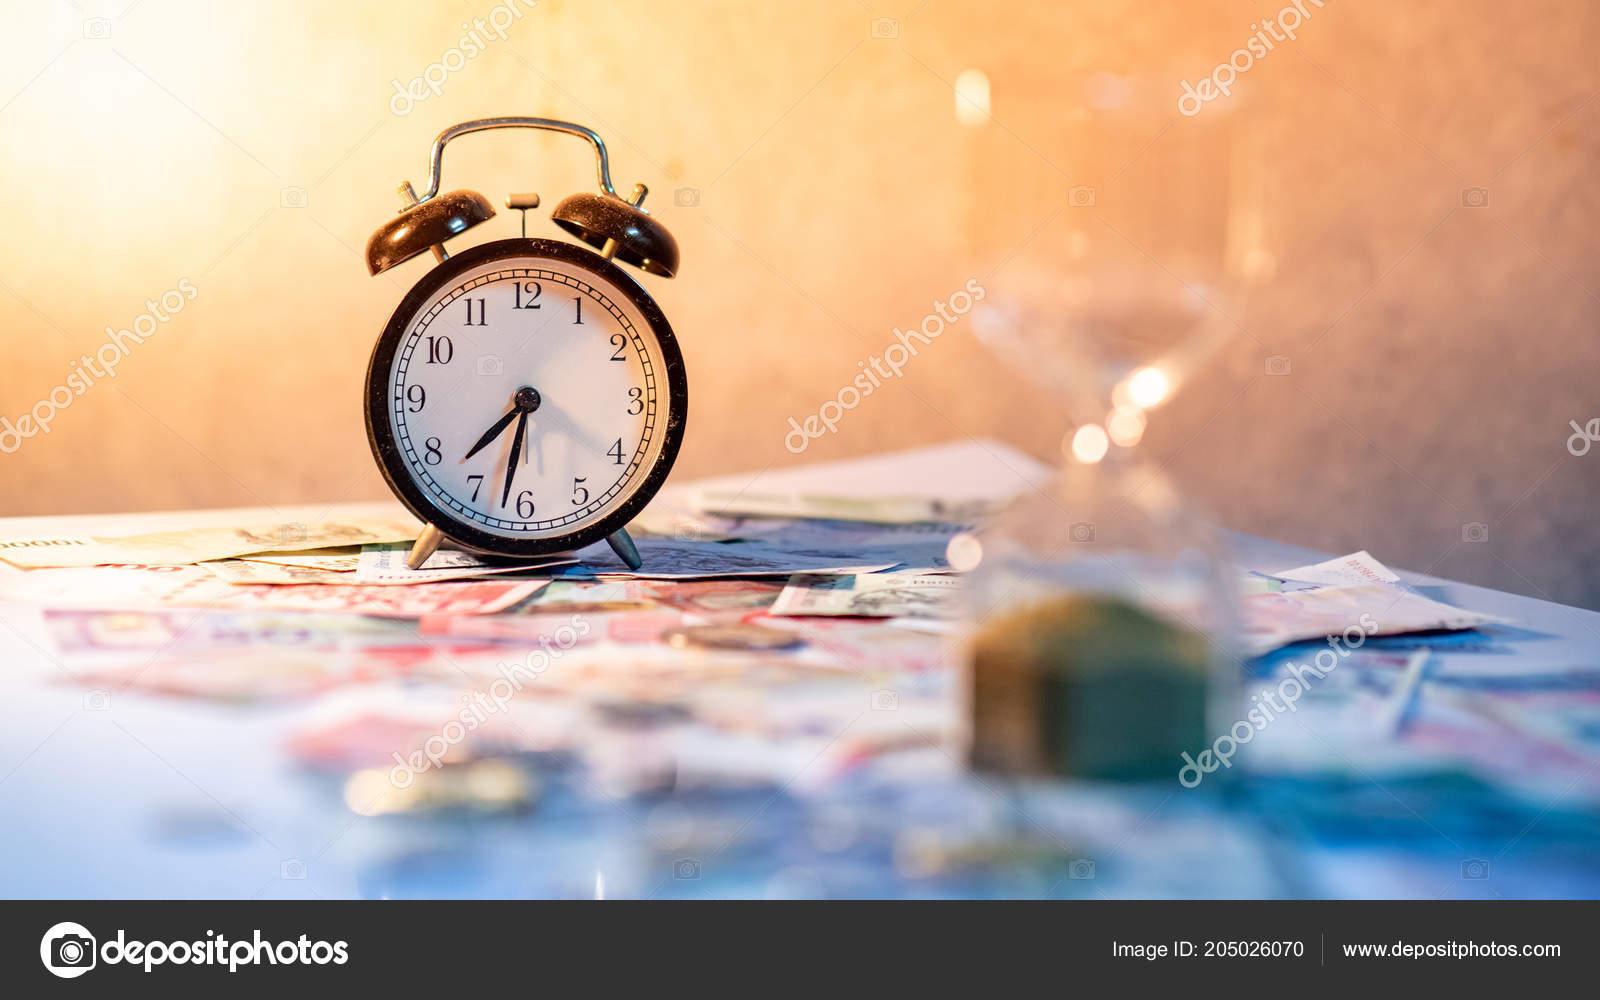 c607c6a80c5 Reflexo do relógio e turva ampulheta na mesa brilhante com notas e moedas  da moeda internacional. Tempo de investimento e passagem de tempo.